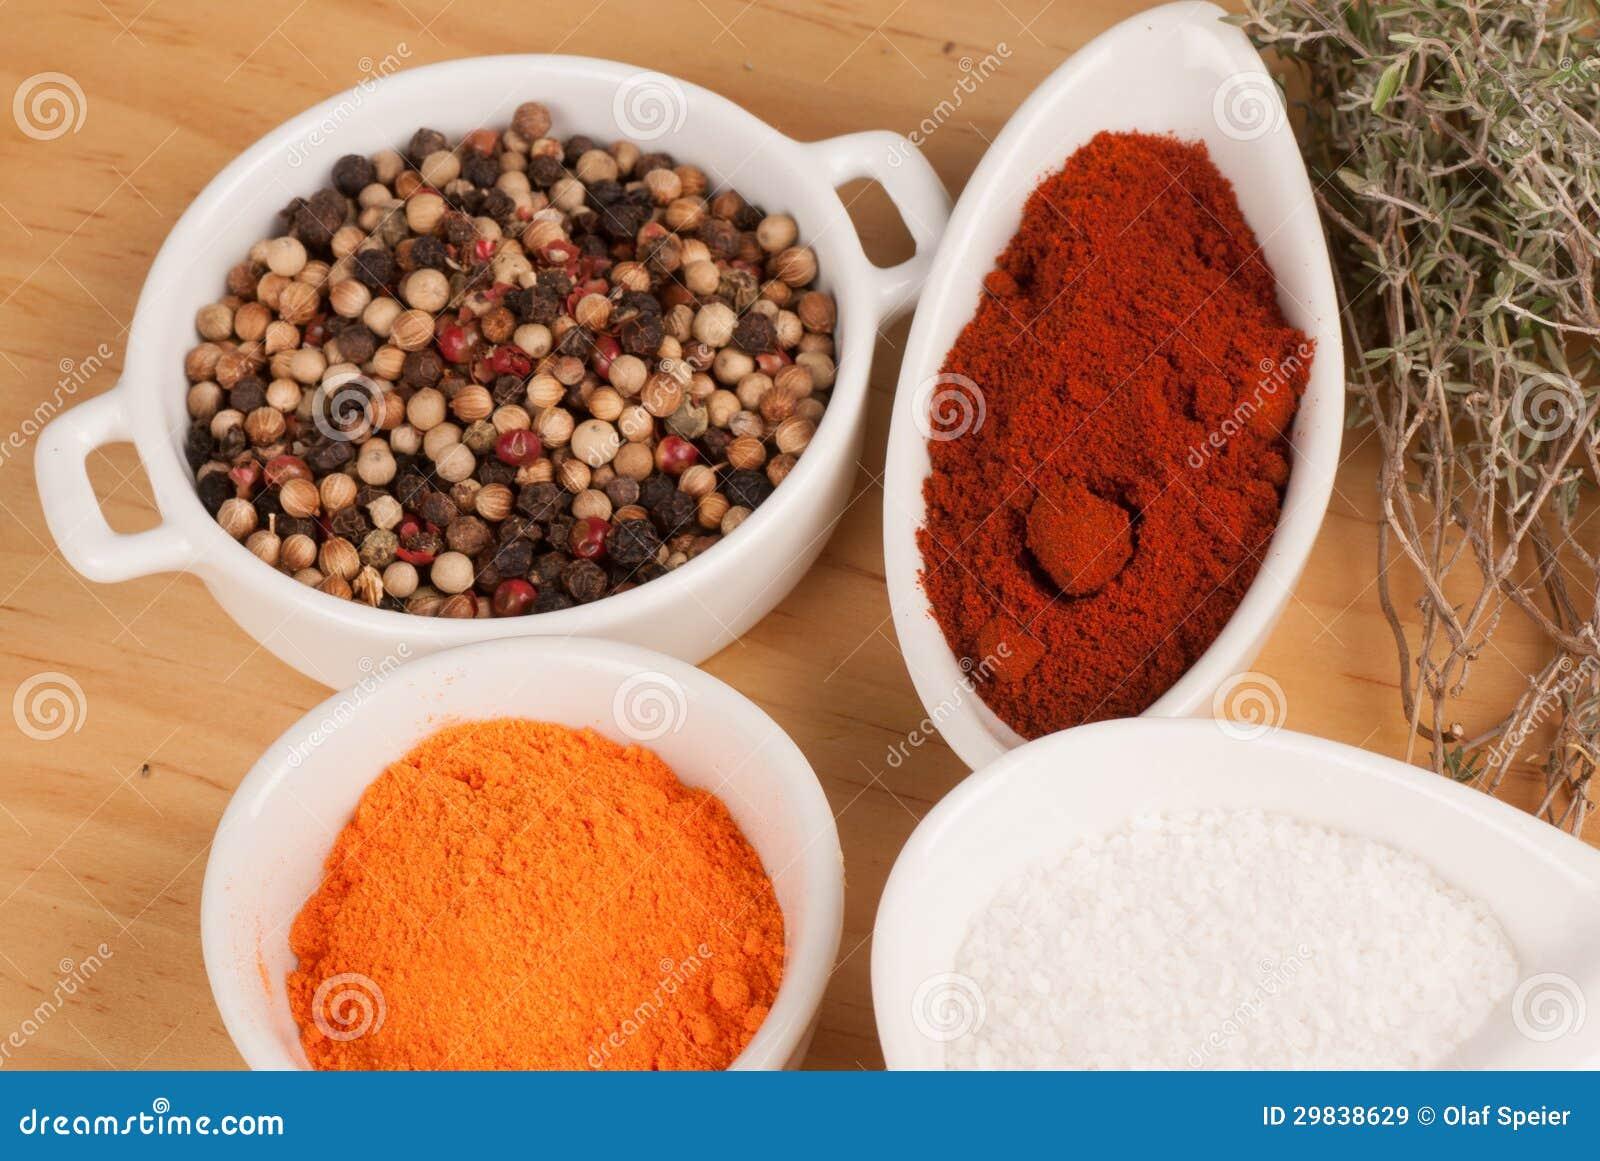 Especiarias, condimentos e ervas